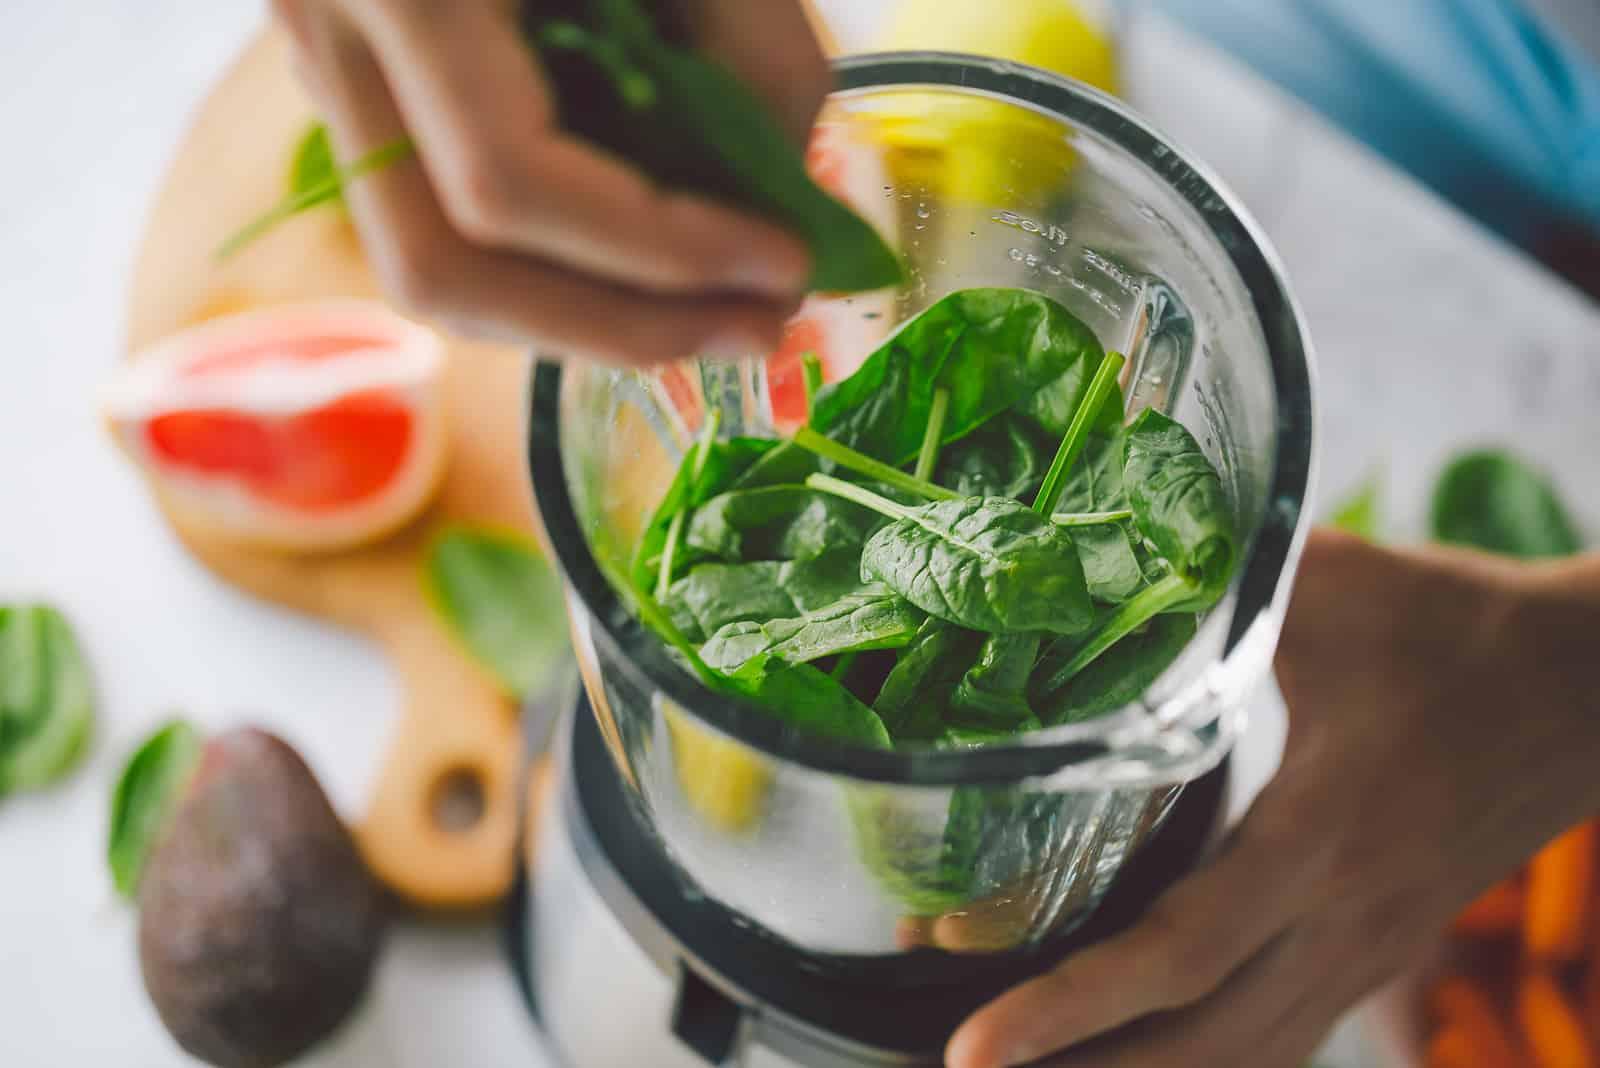 Ein Mann bereitet einen Spinat-Smoothie zu